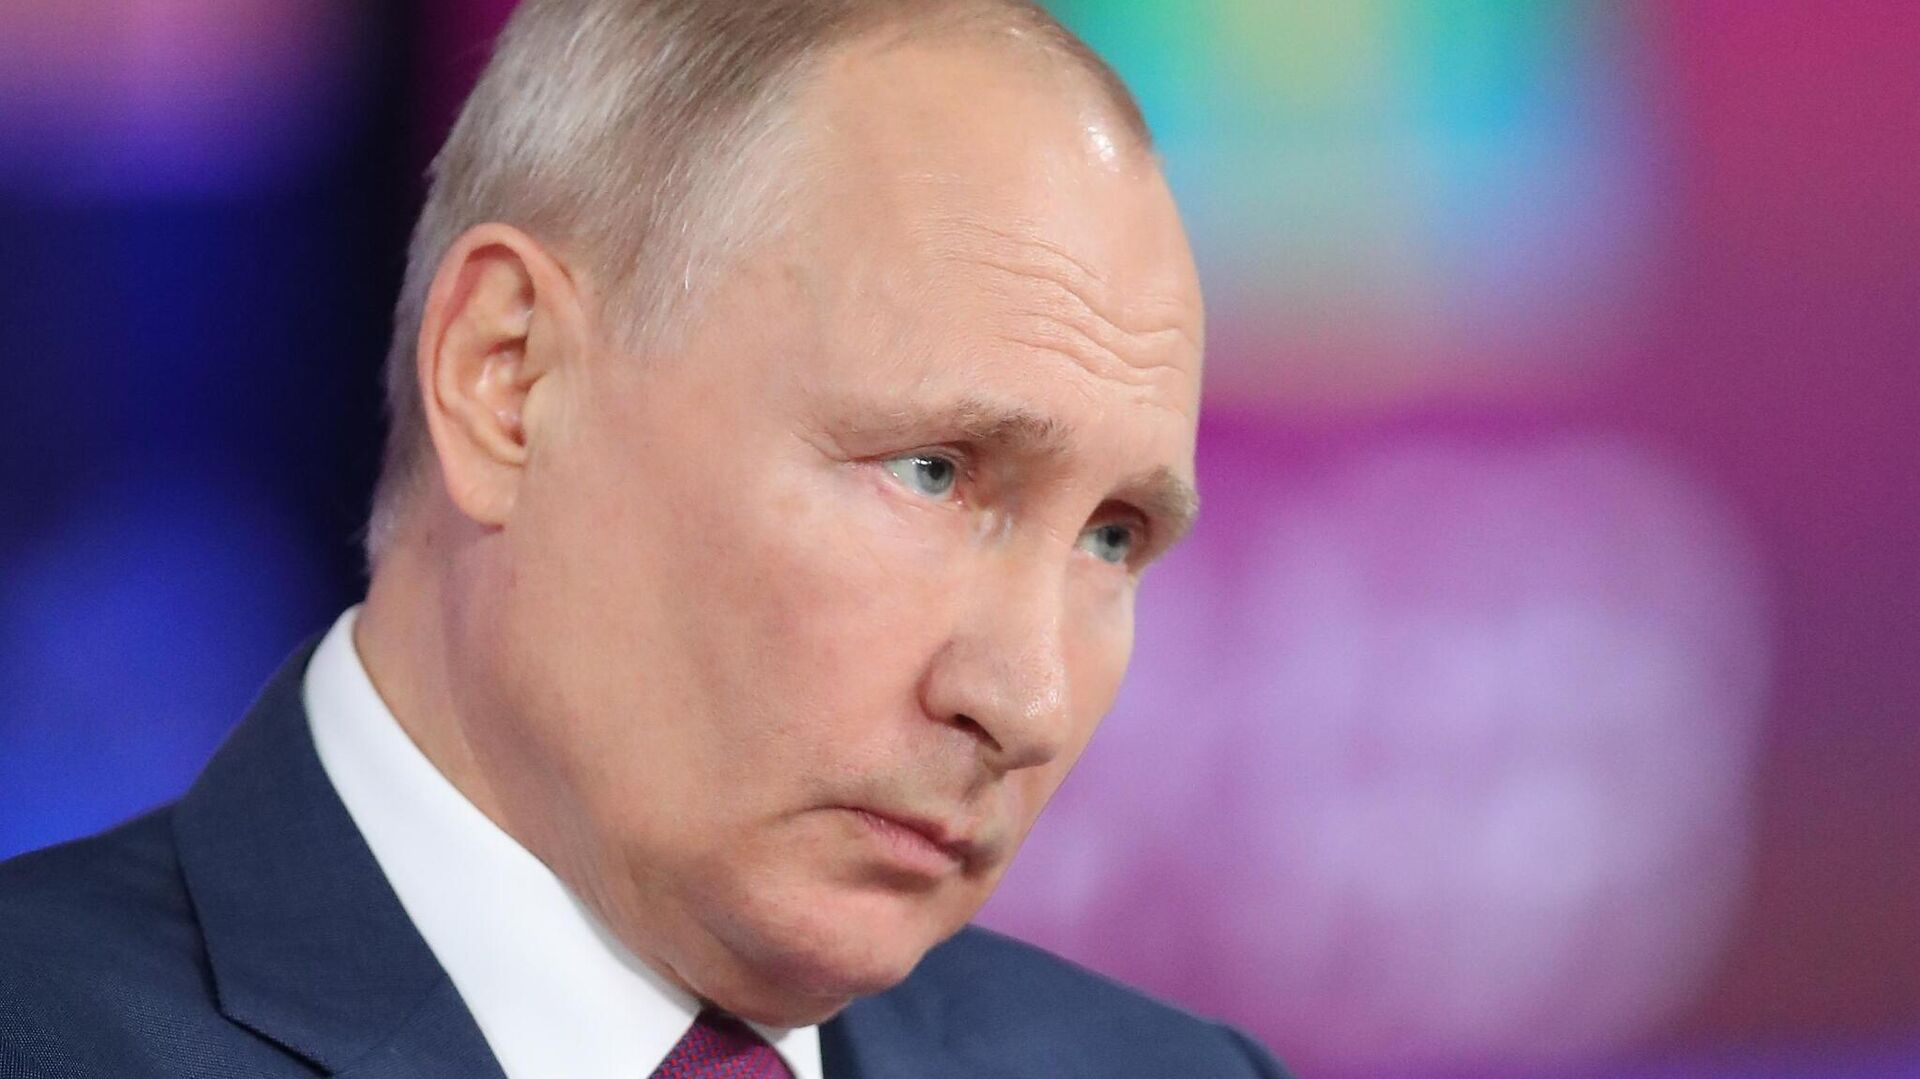 Трансляция прямой линии с президентом РФ В. Путиным - Sputnik Ўзбекистон, 1920, 23.08.2021